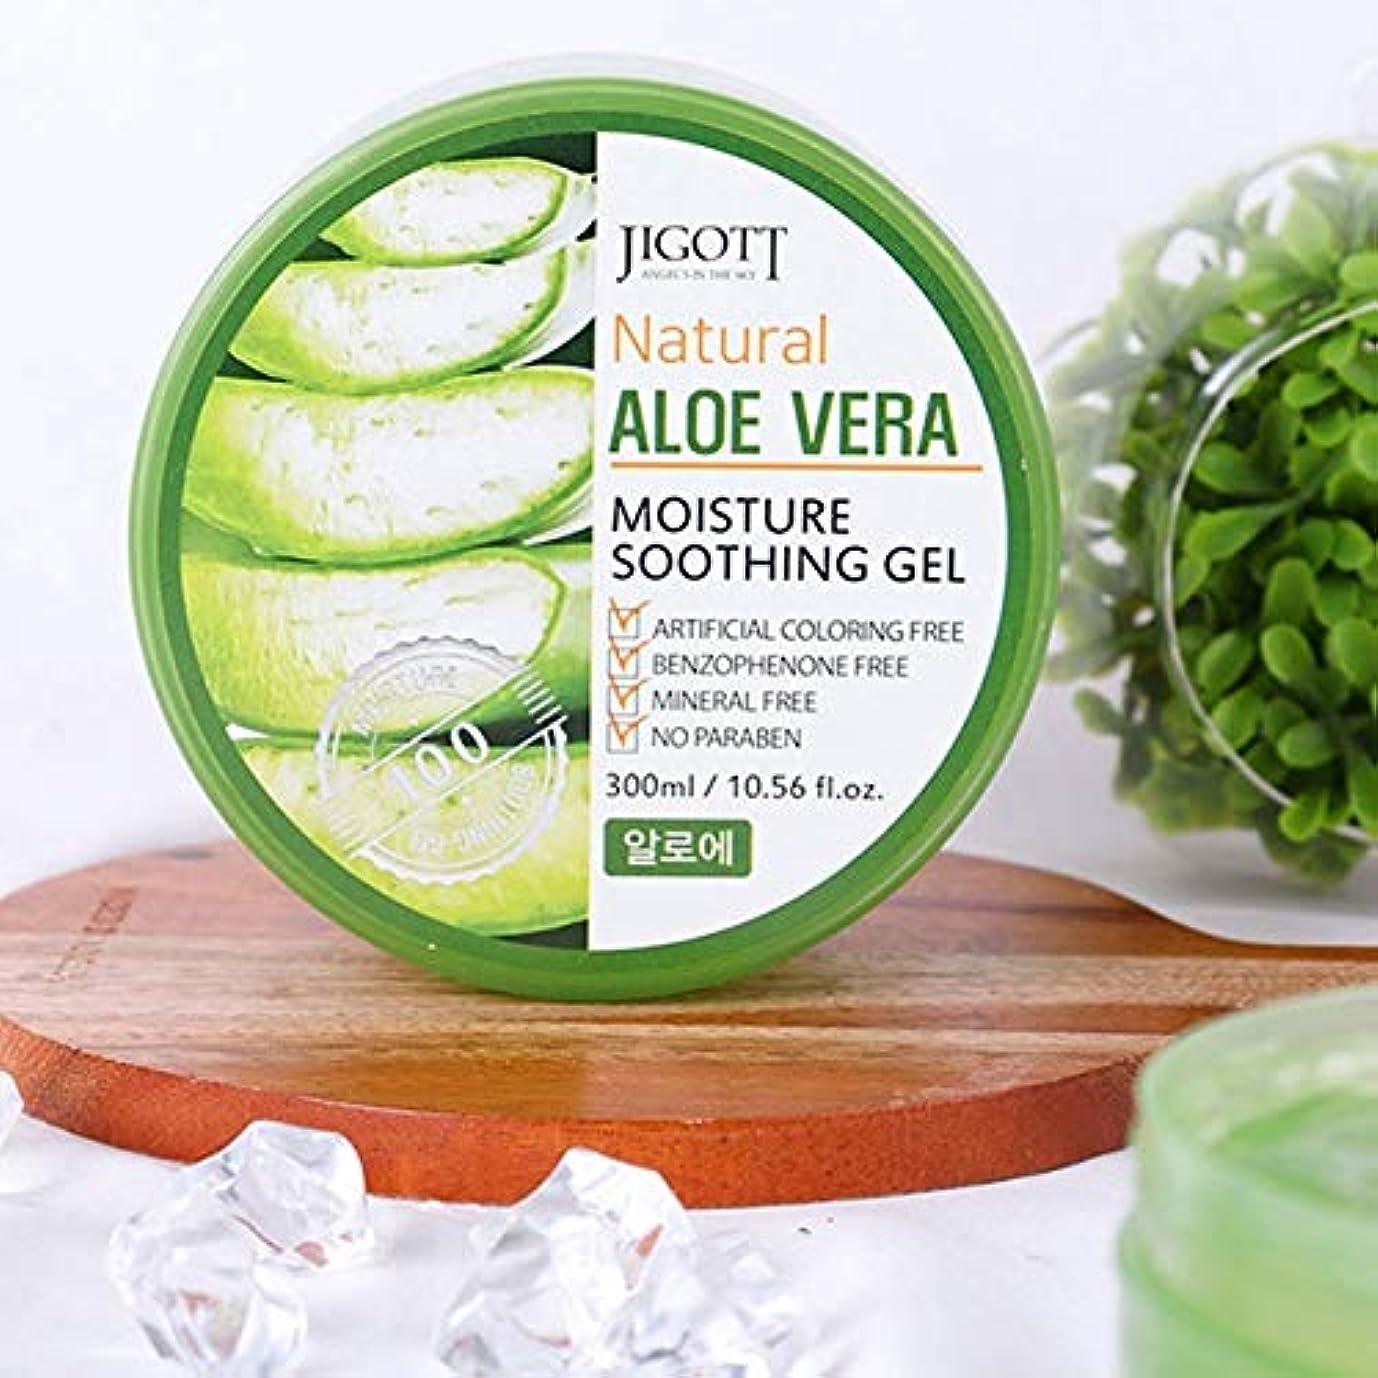 繁殖スリンク泥棒JIGOTT 天然アロエベラモイスチャースージングジェル 300ml /さわやか/しっとり Aloe Soothing Gel